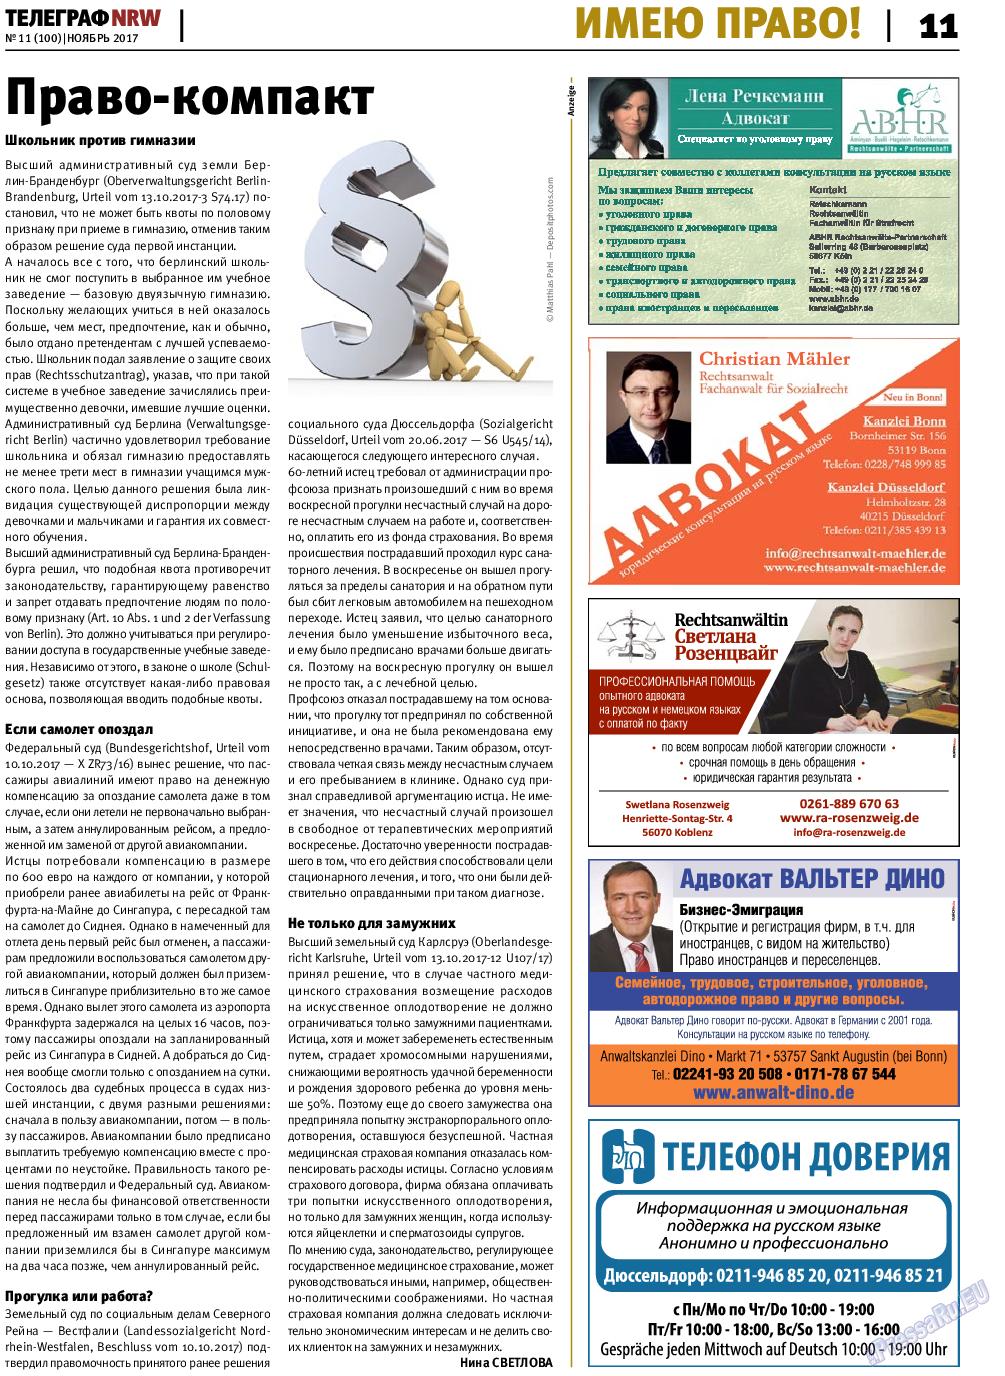 Телеграф NRW (газета). 2017 год, номер 11, стр. 11